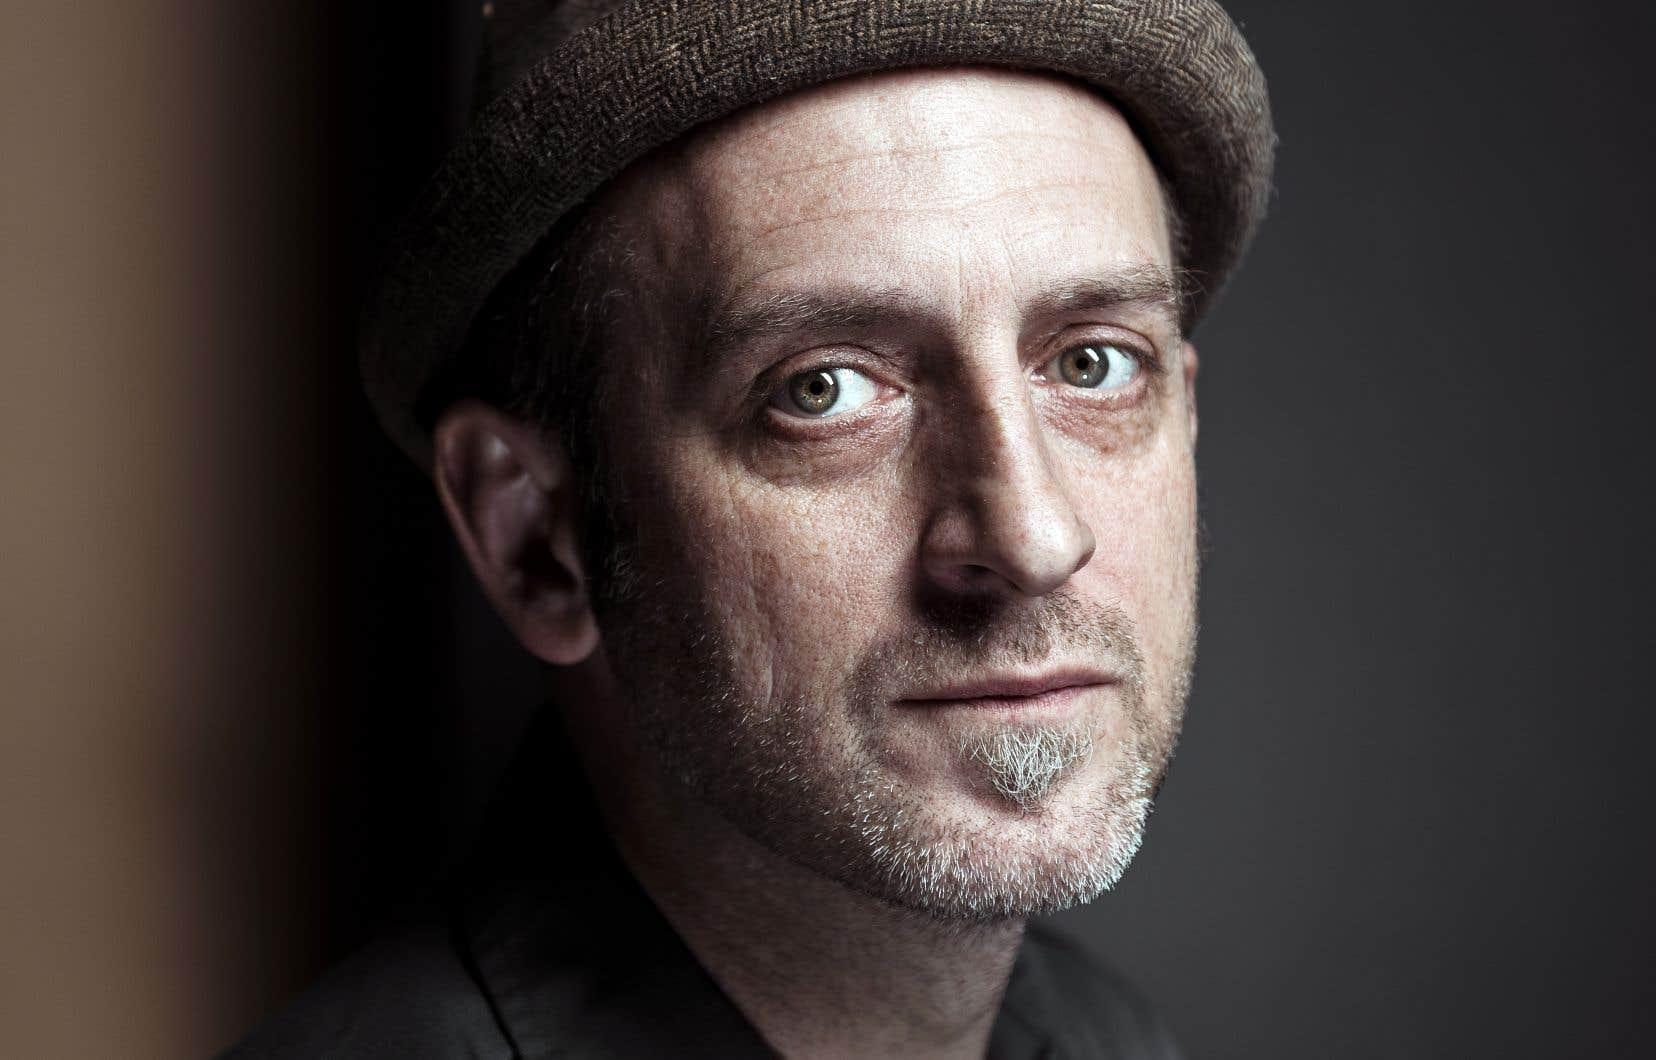 La chanson folk-rock de Juste Robert trace un parcours sinueux à travers des traditions musicales diversifiées, tantôt donnant dans le fuzz-rock, tantôt dans la vieille chanson française.